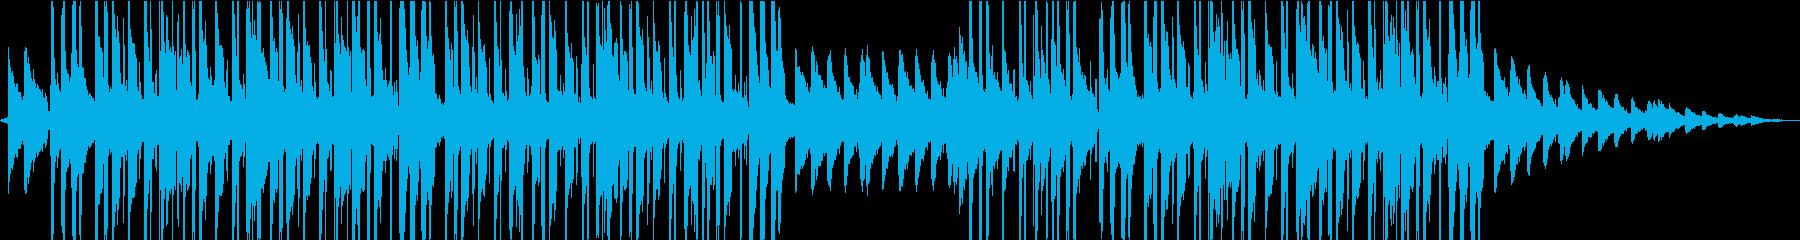 ファッションヒップホップの再生済みの波形